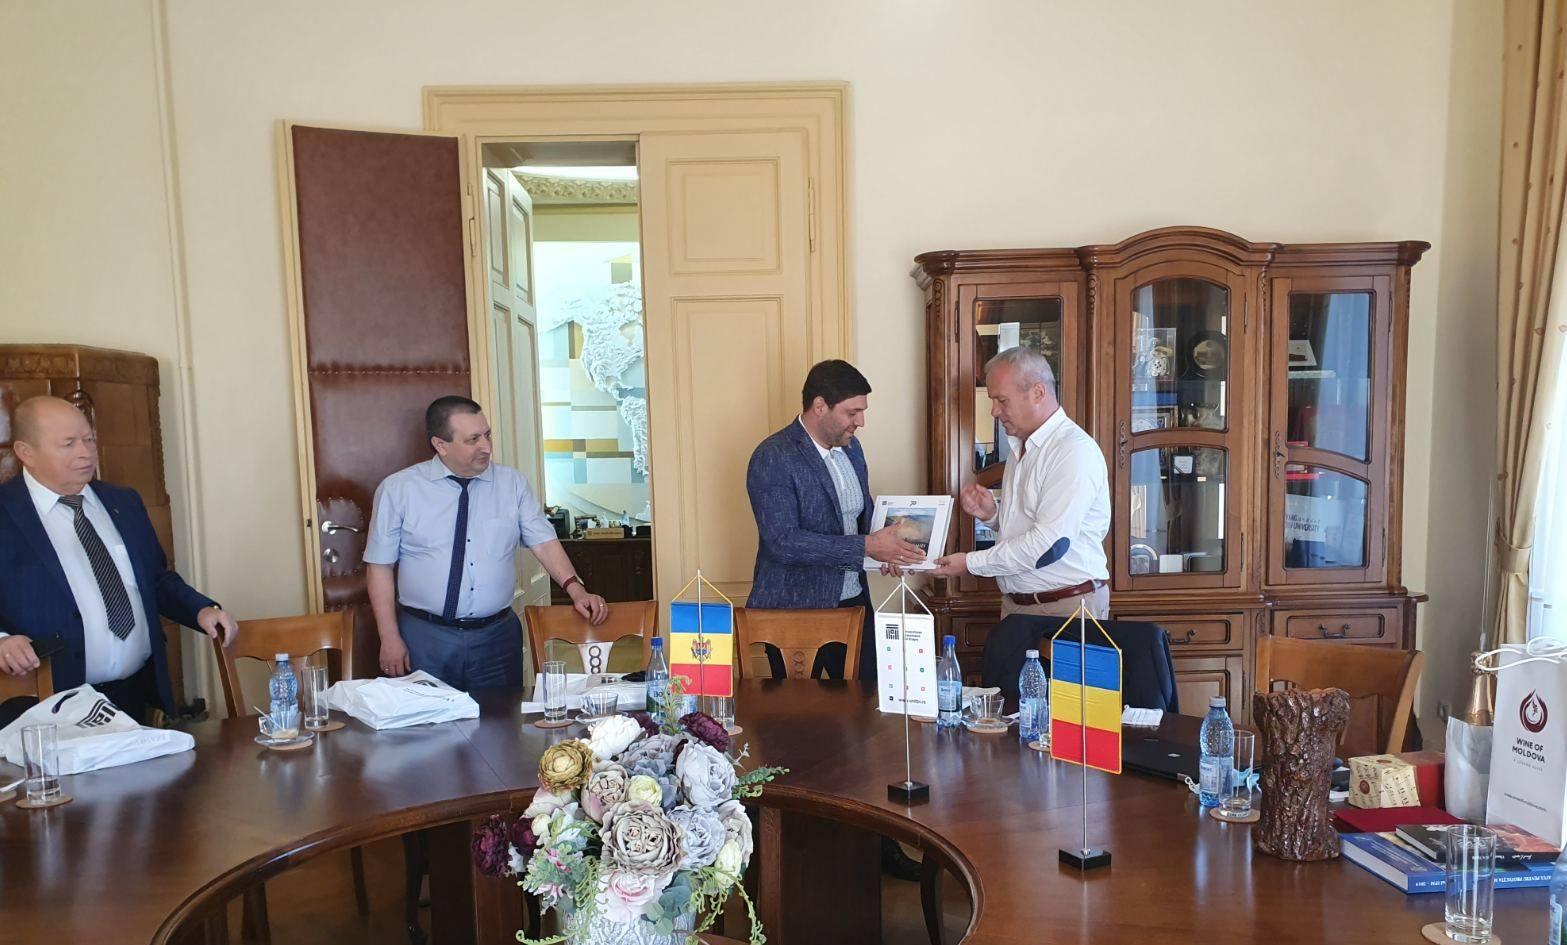 Dezvoltarea și cooperarea în domeniul silviculturii – discutată de oficiali din Republica Moldova și România